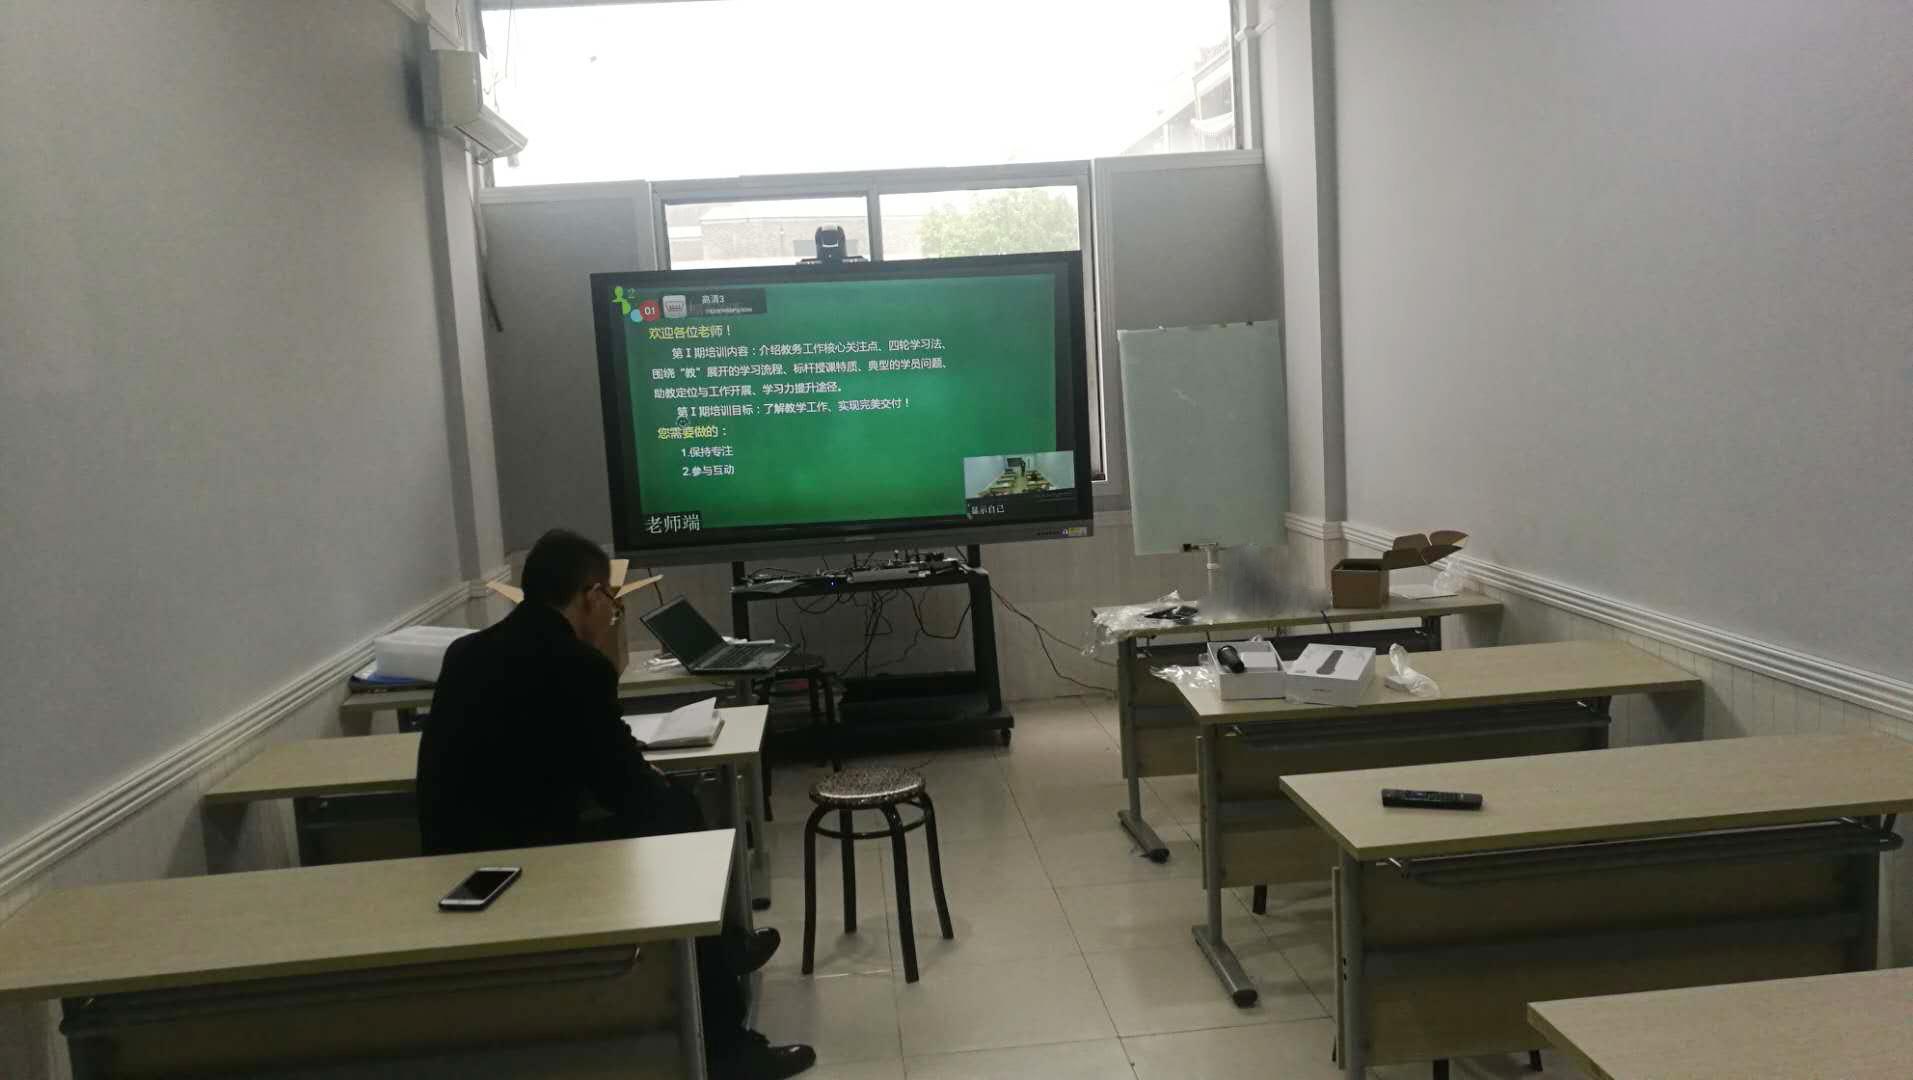 世紀教育雙師課堂.jpg